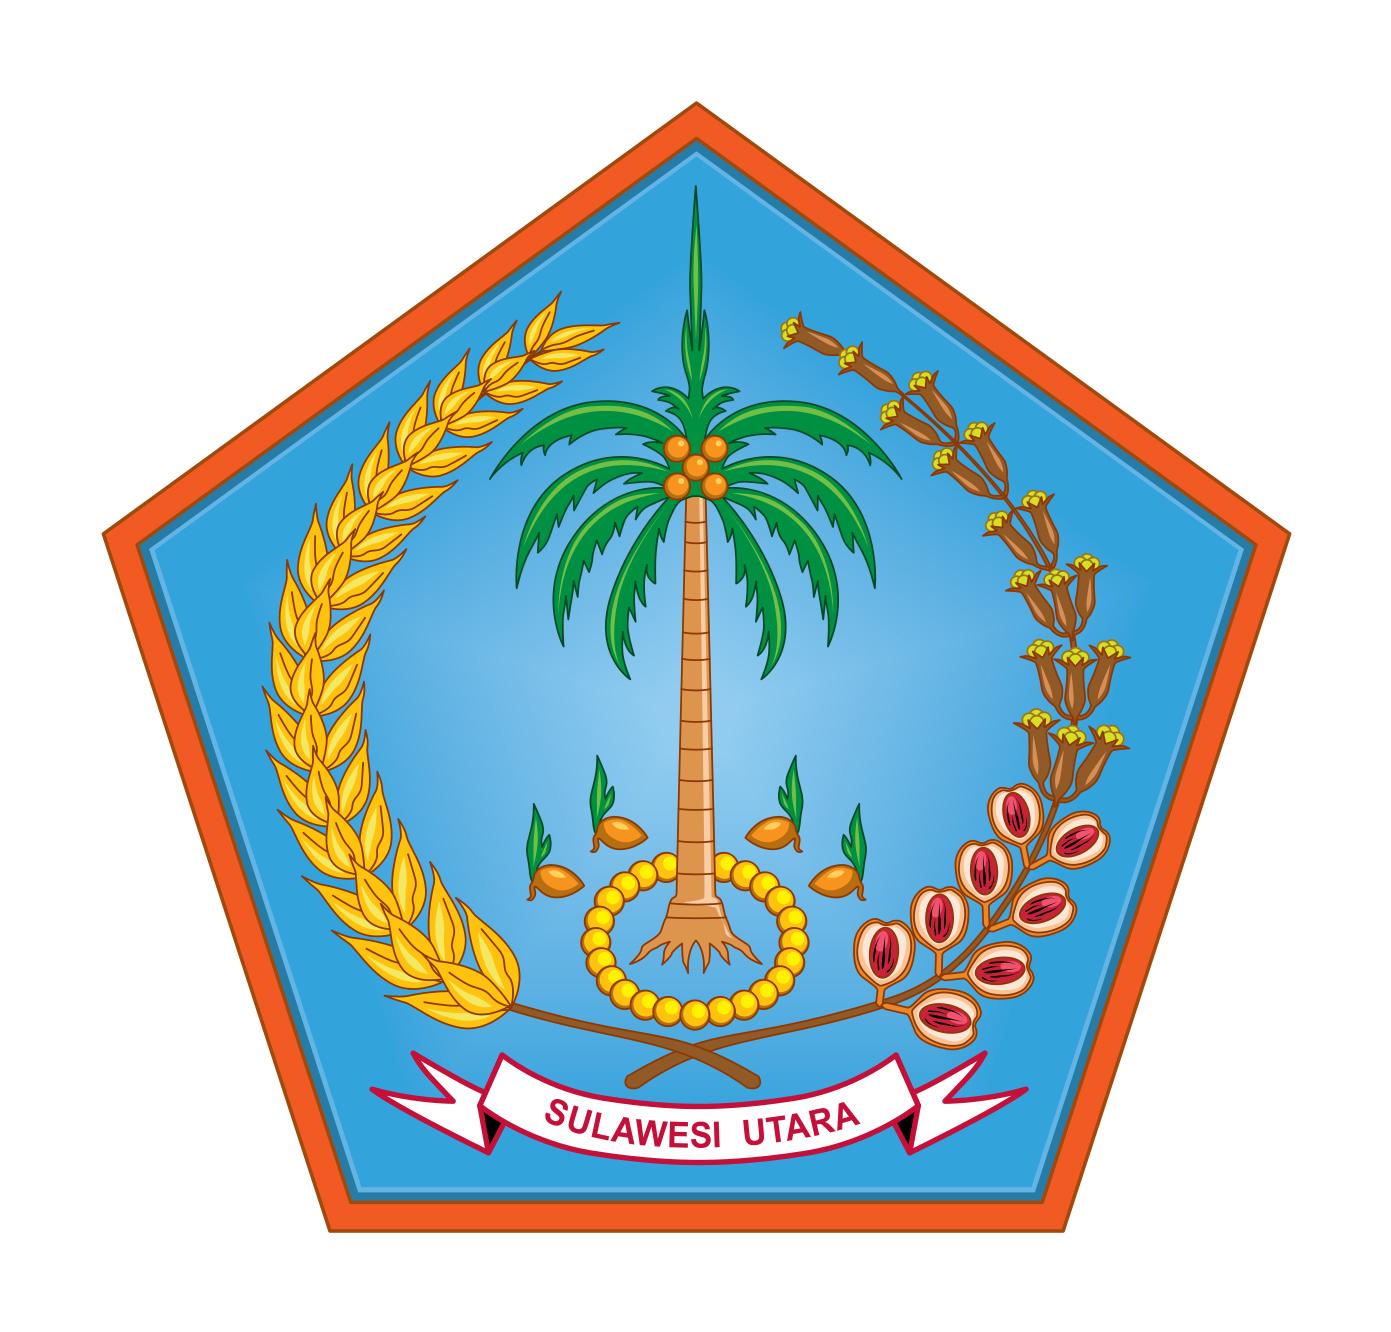 Logo Sulawesi Utara (Provinsi Sulawesi Utara)